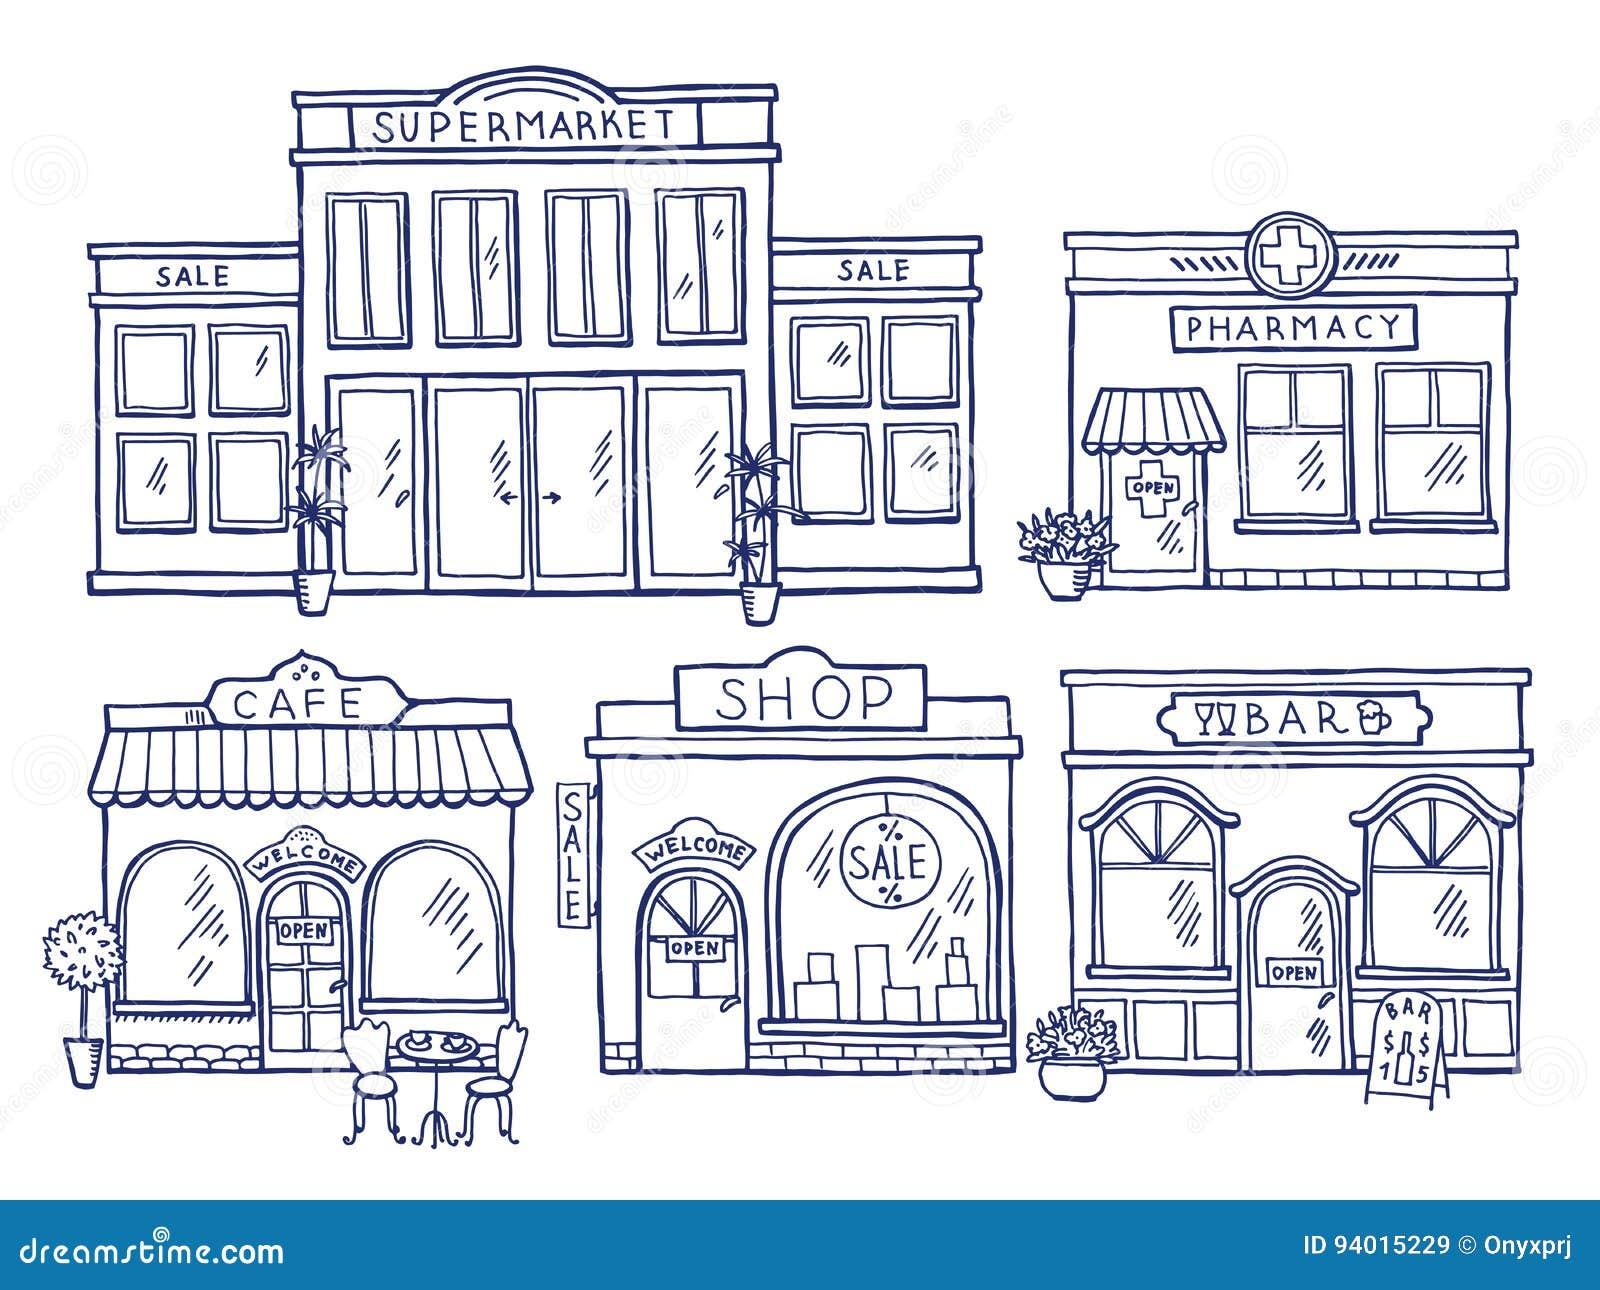 Μπροστινή άποψη προσόψεων κτηρίων Κατάστημα, καφές, λεωφόρος και φαρμακείο Απεικονίσεις Doodle καθορισμένες